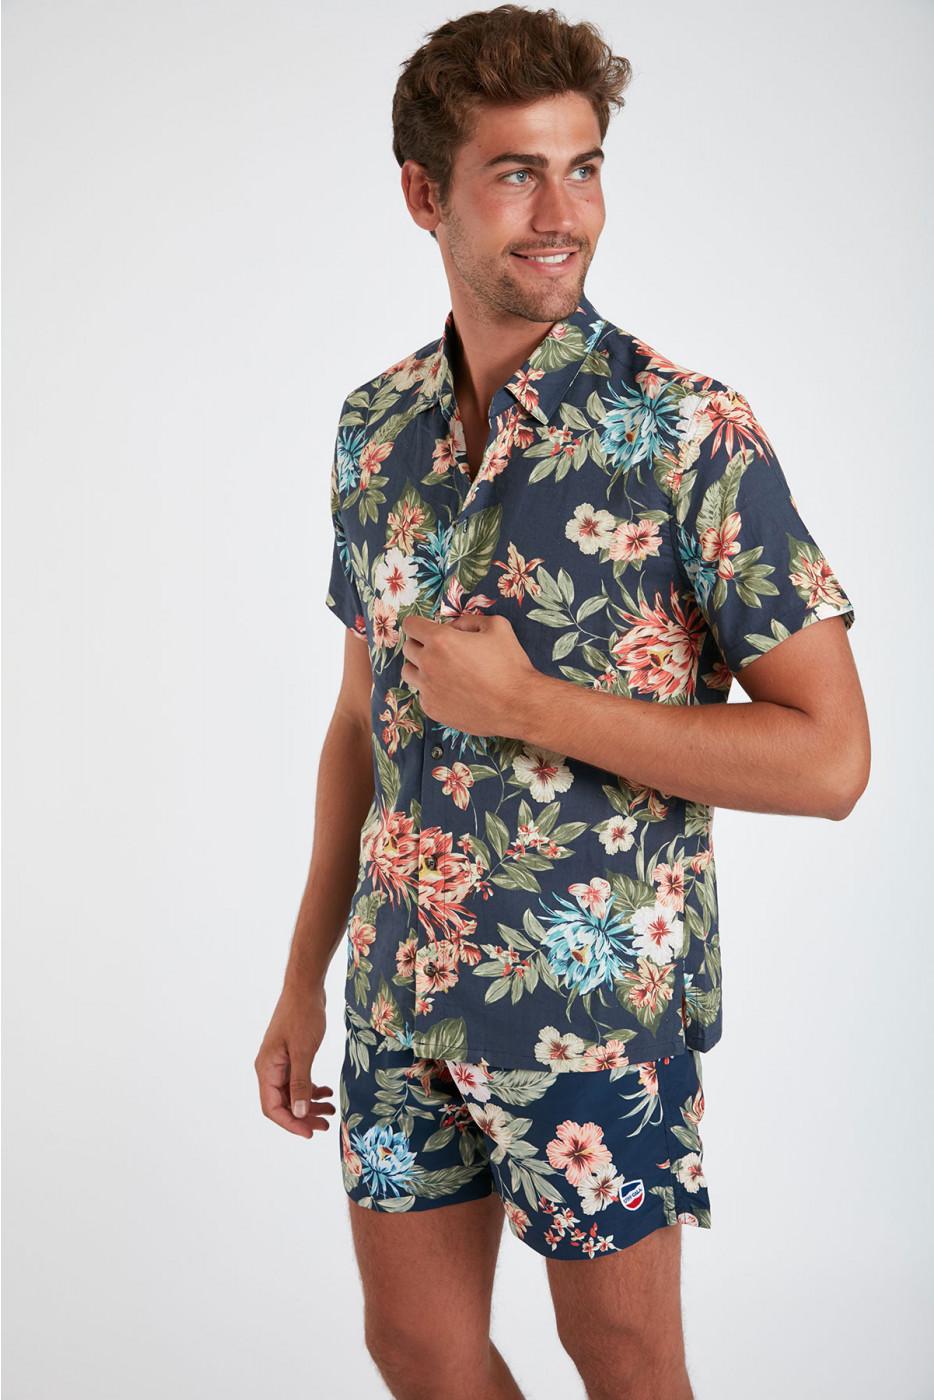 Chemise manches courtes marine à fleurs STEFANO SANTALINA